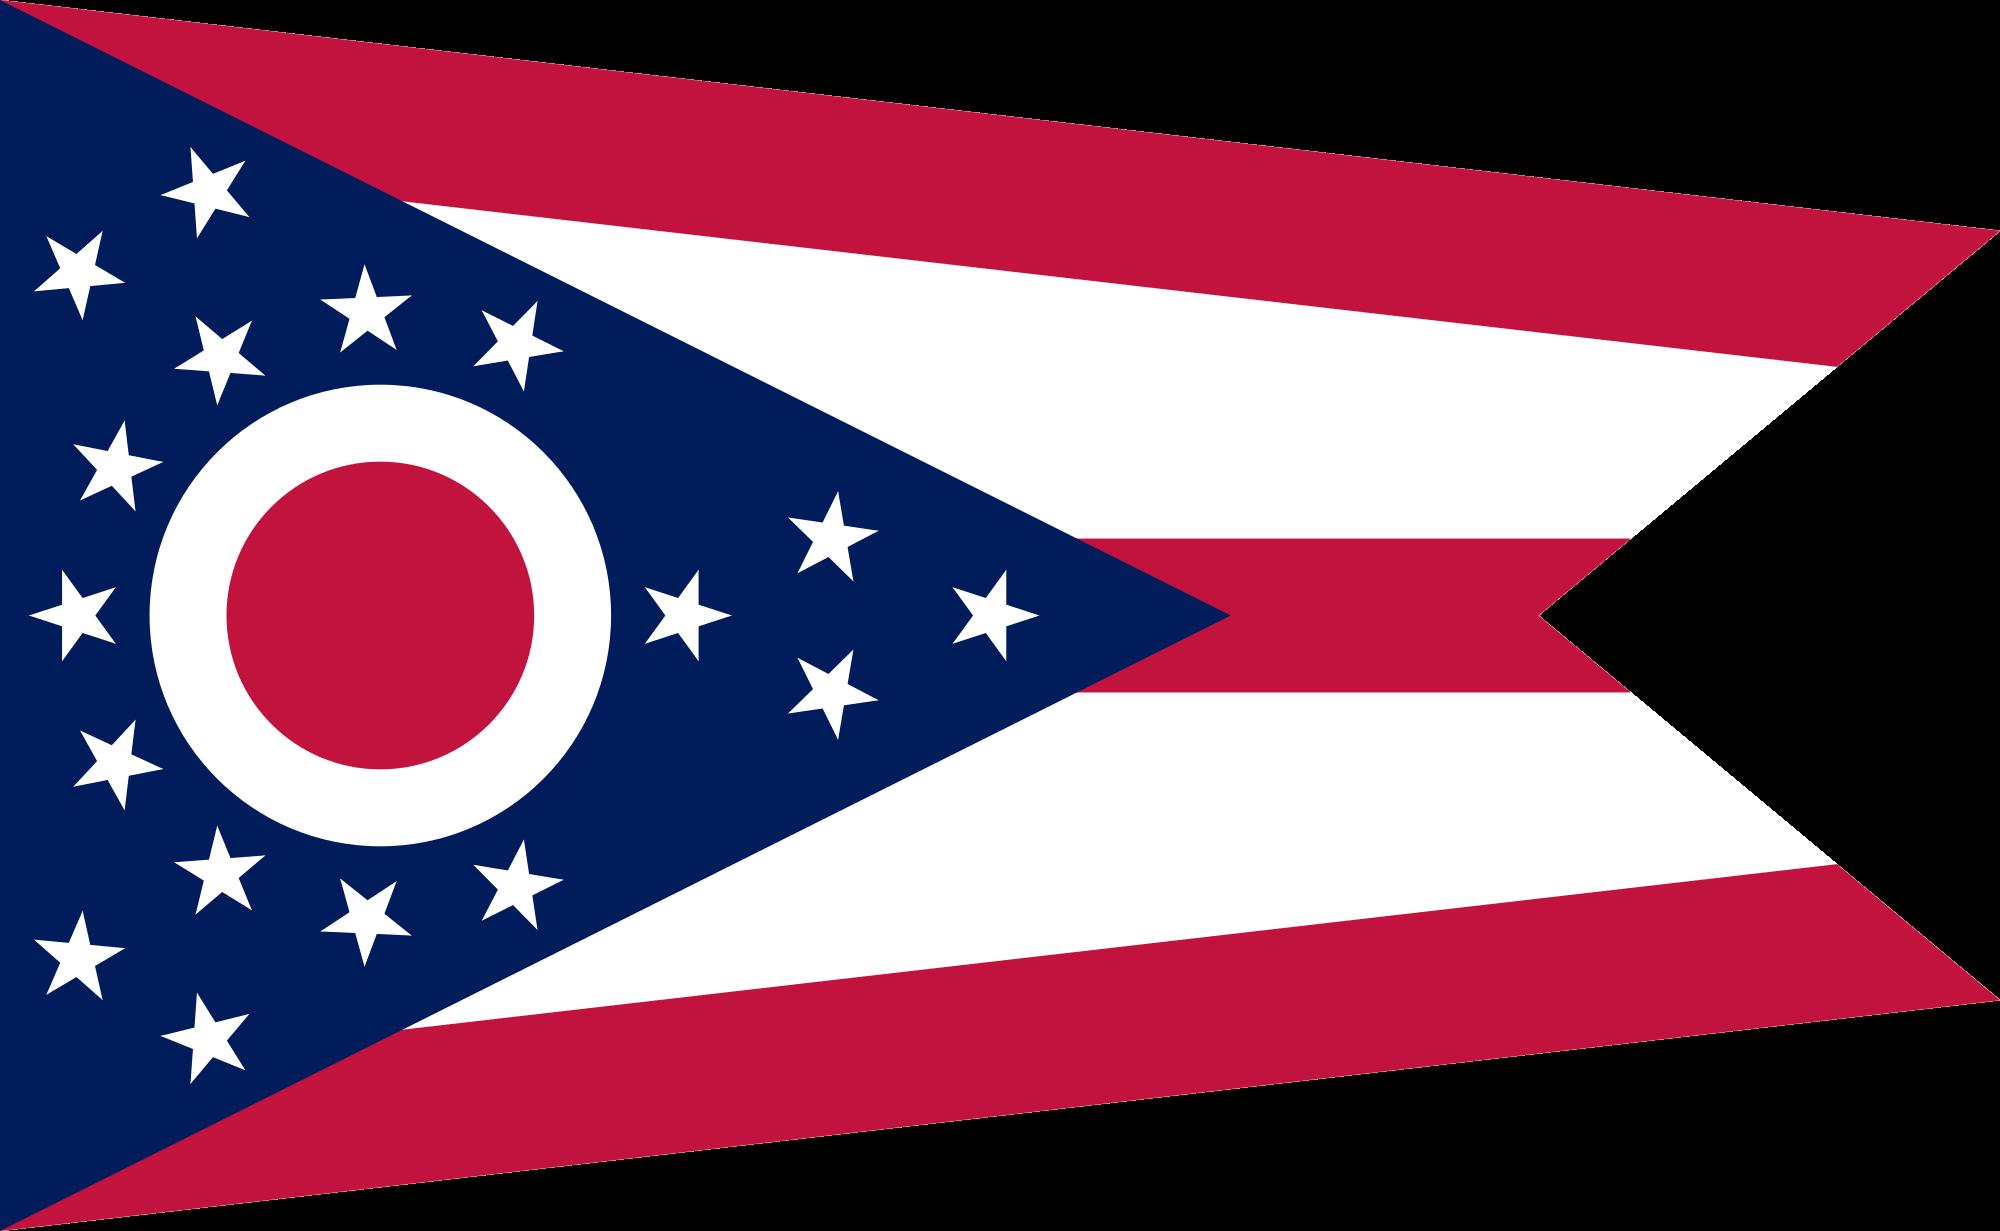 2000x1231 Outline Of Ohio